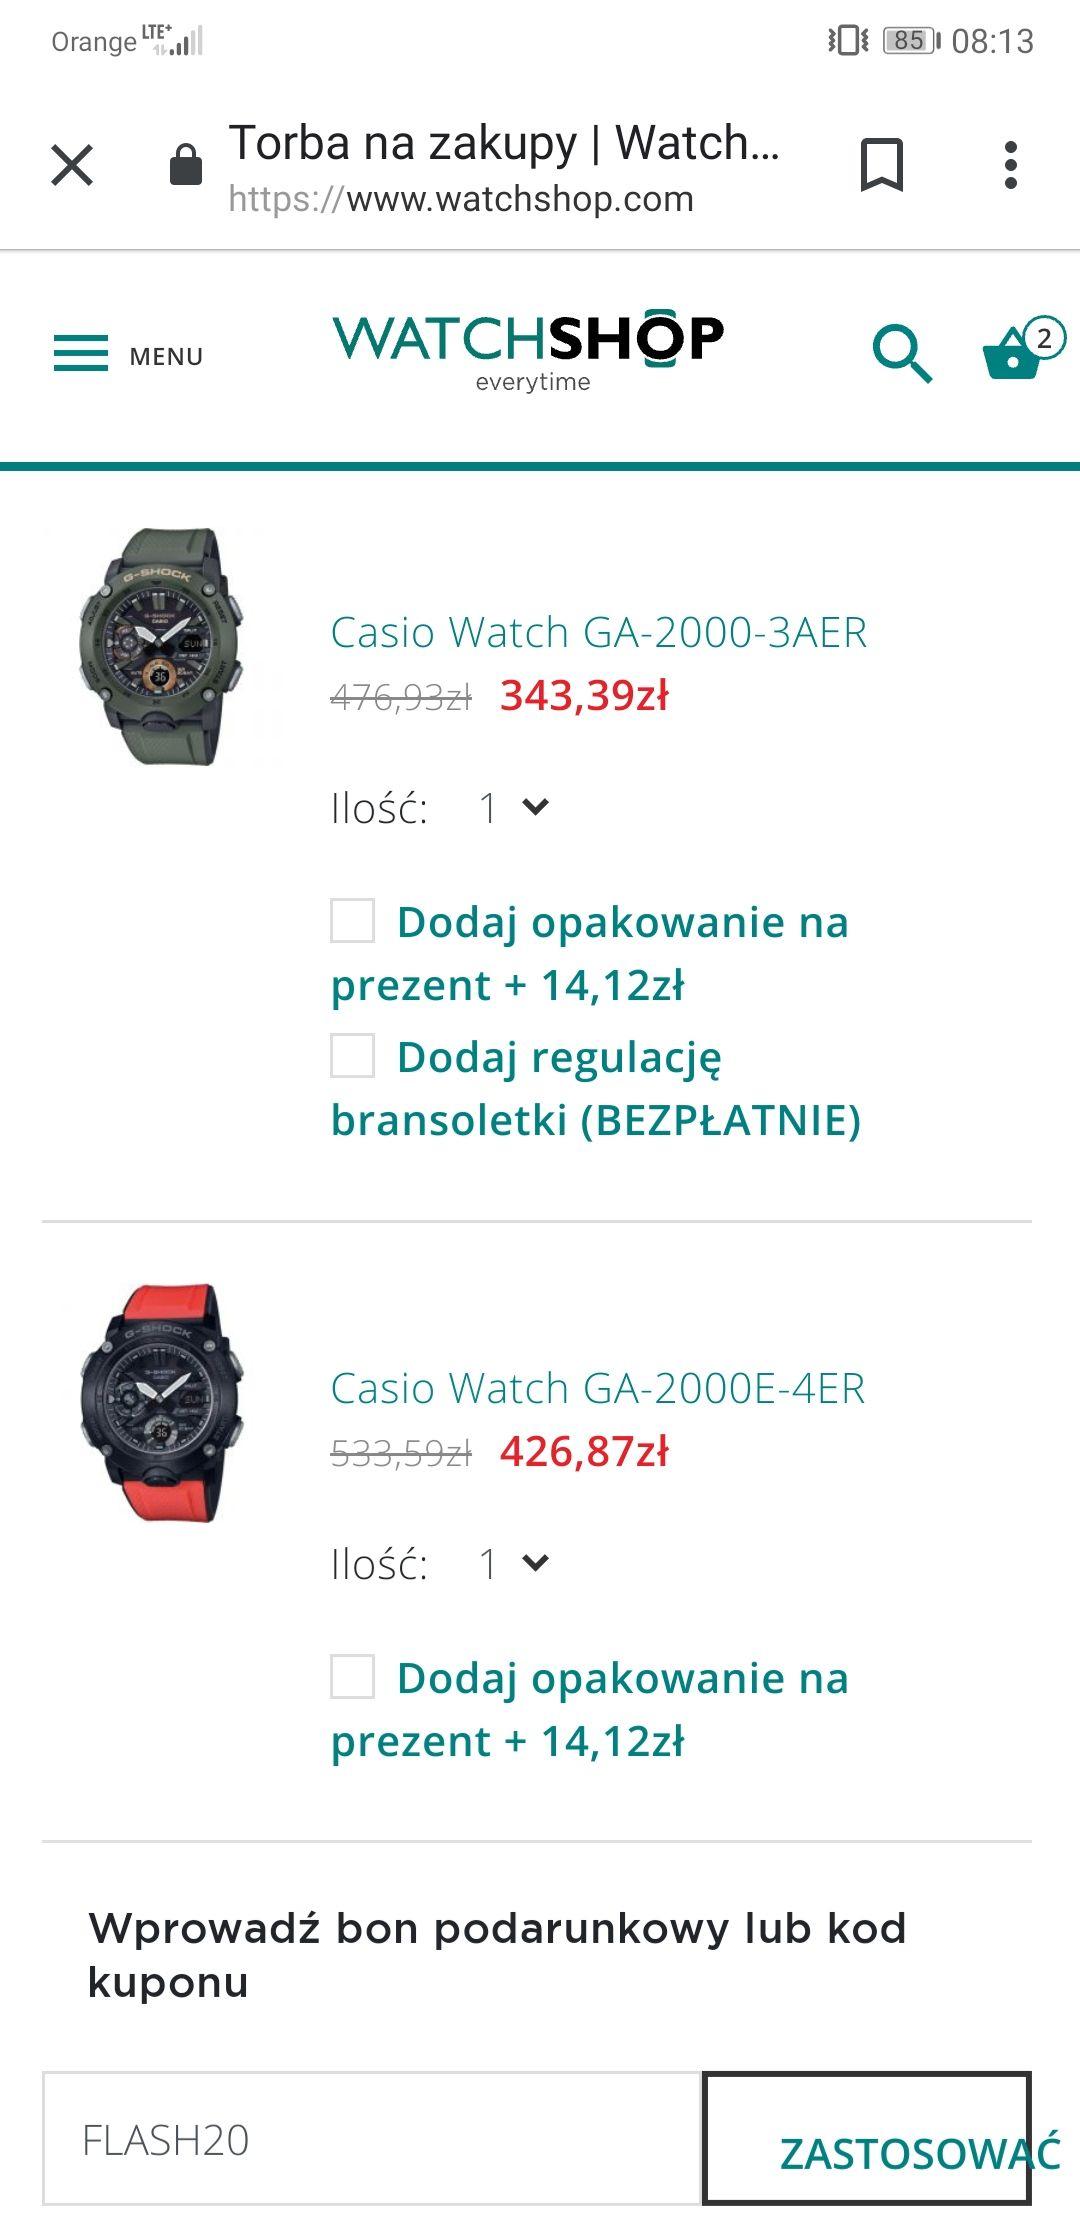 Zegarek Casio Gshock nowe modele dobre ceny po zastosowaniu kodu